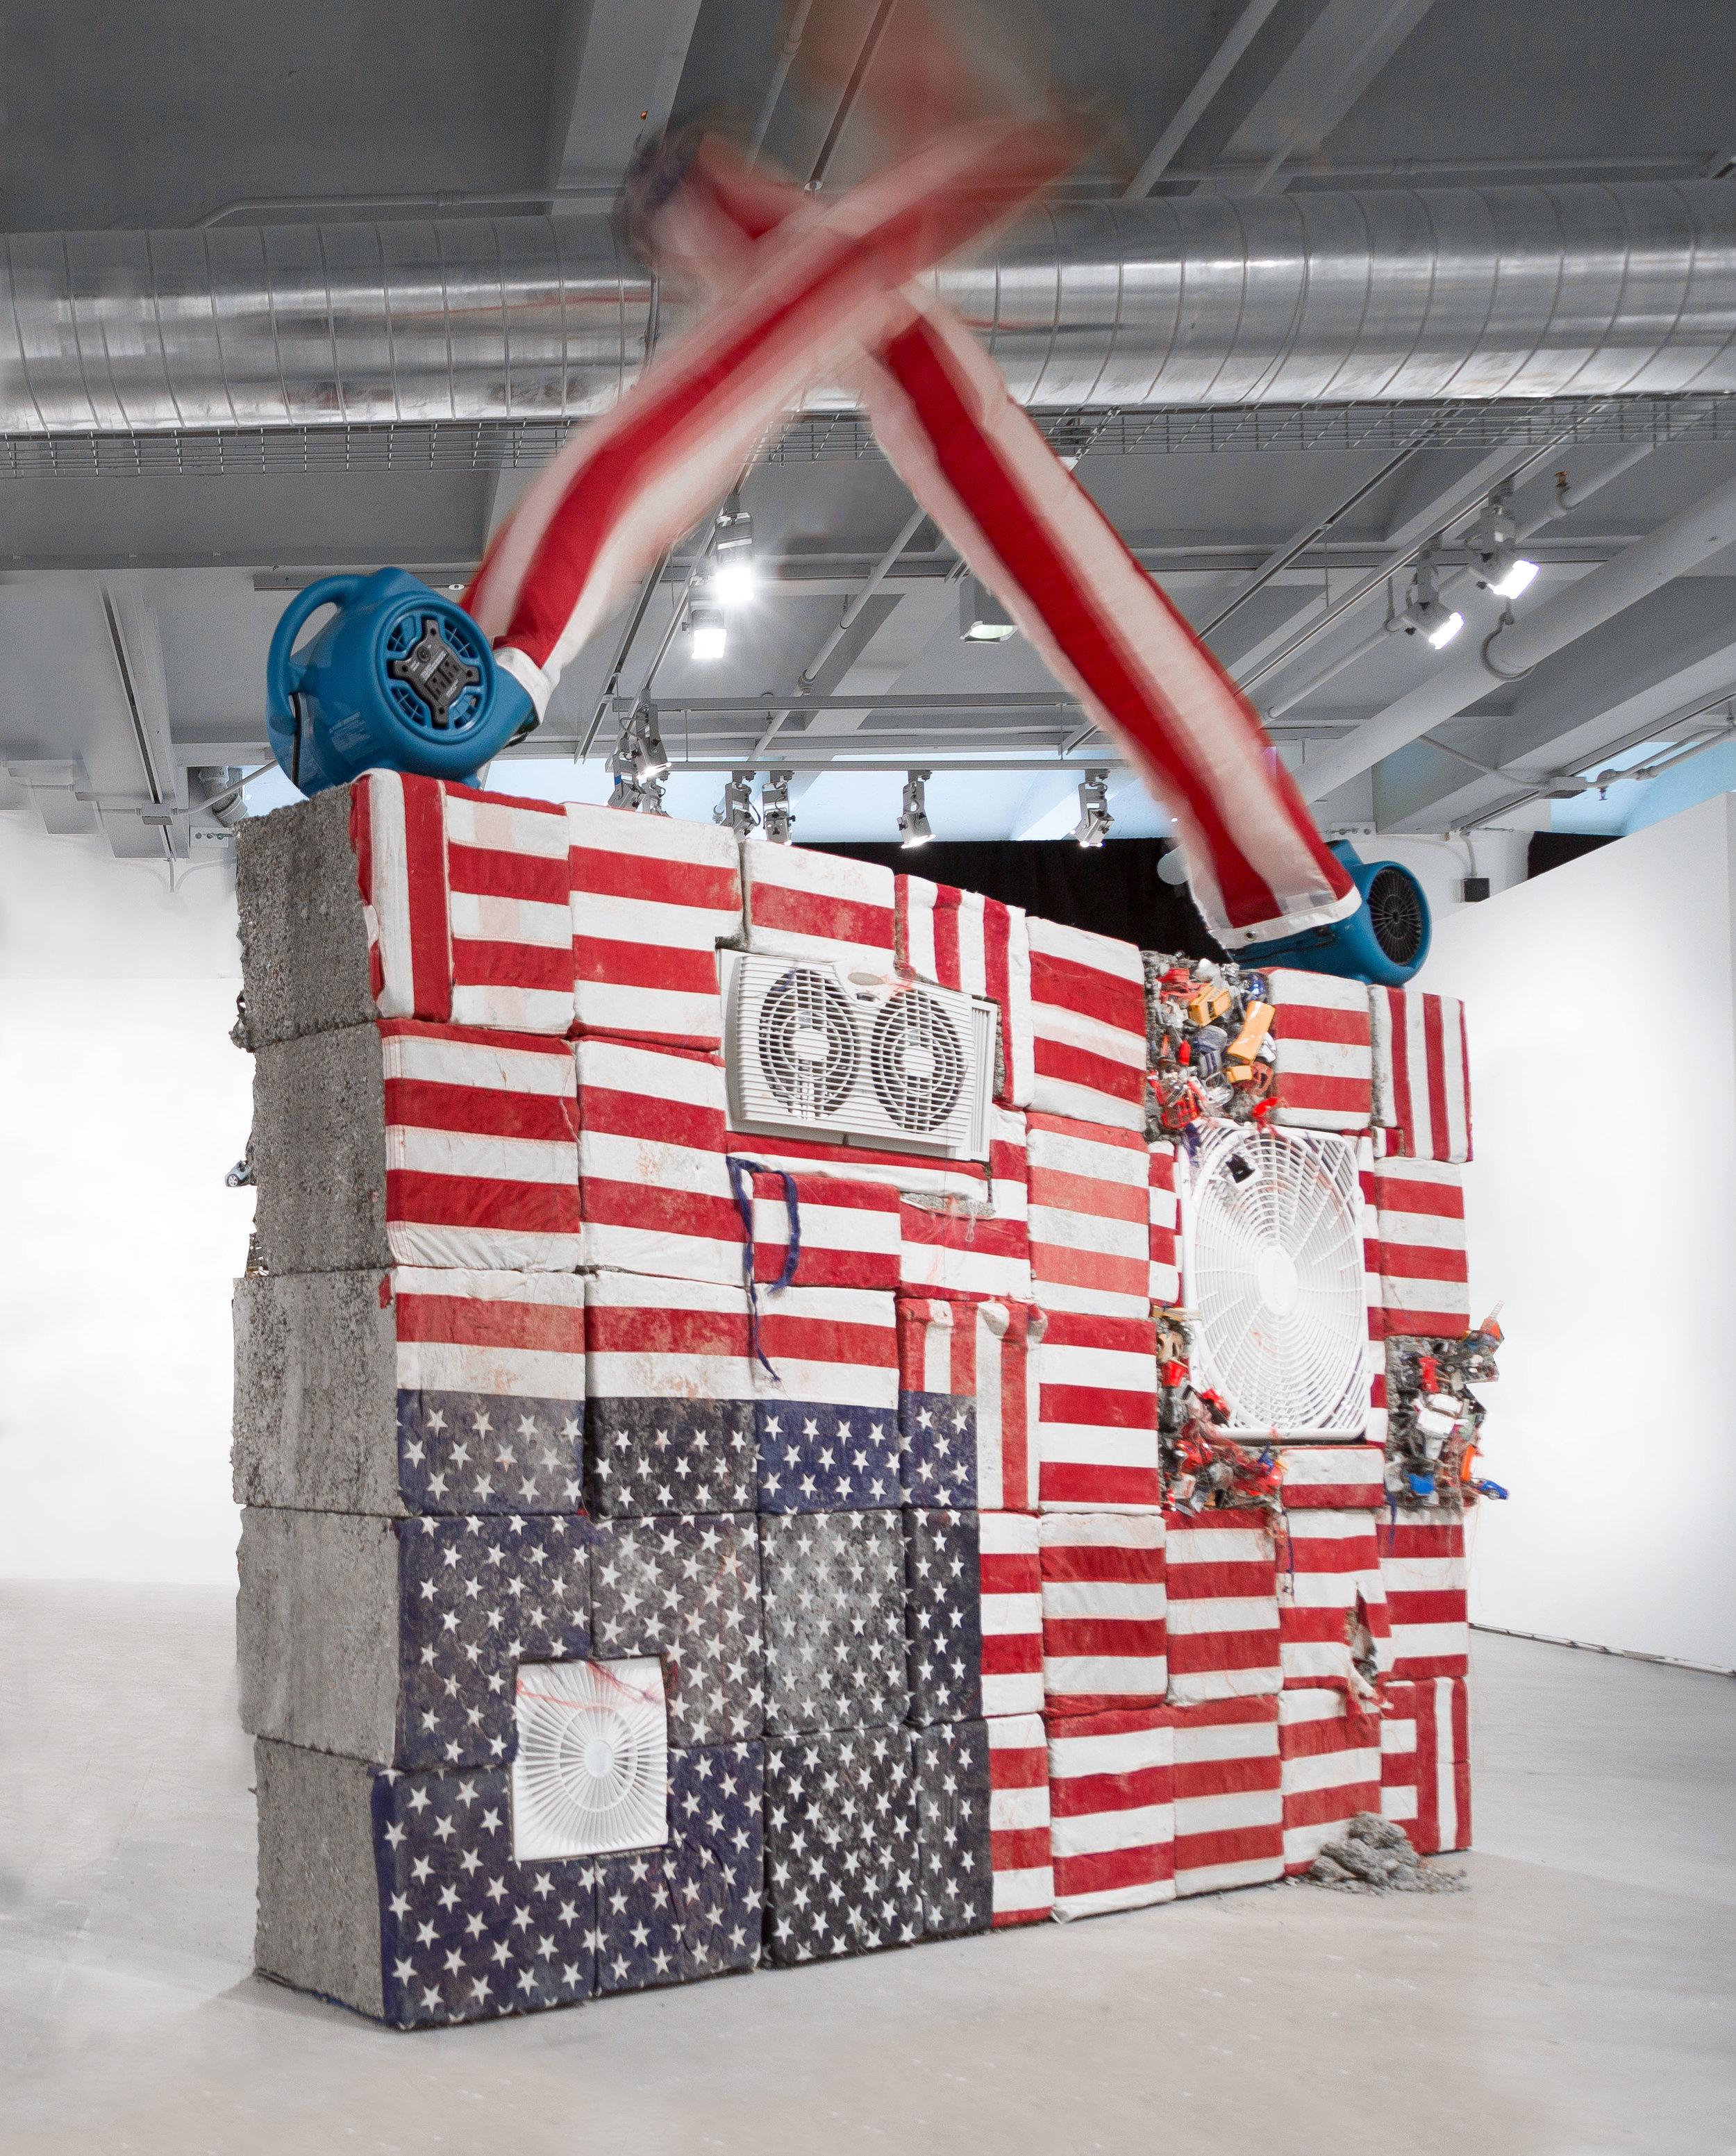 Detroit, 2019  concrete, toy cars, fans, U.S. flags (front view)